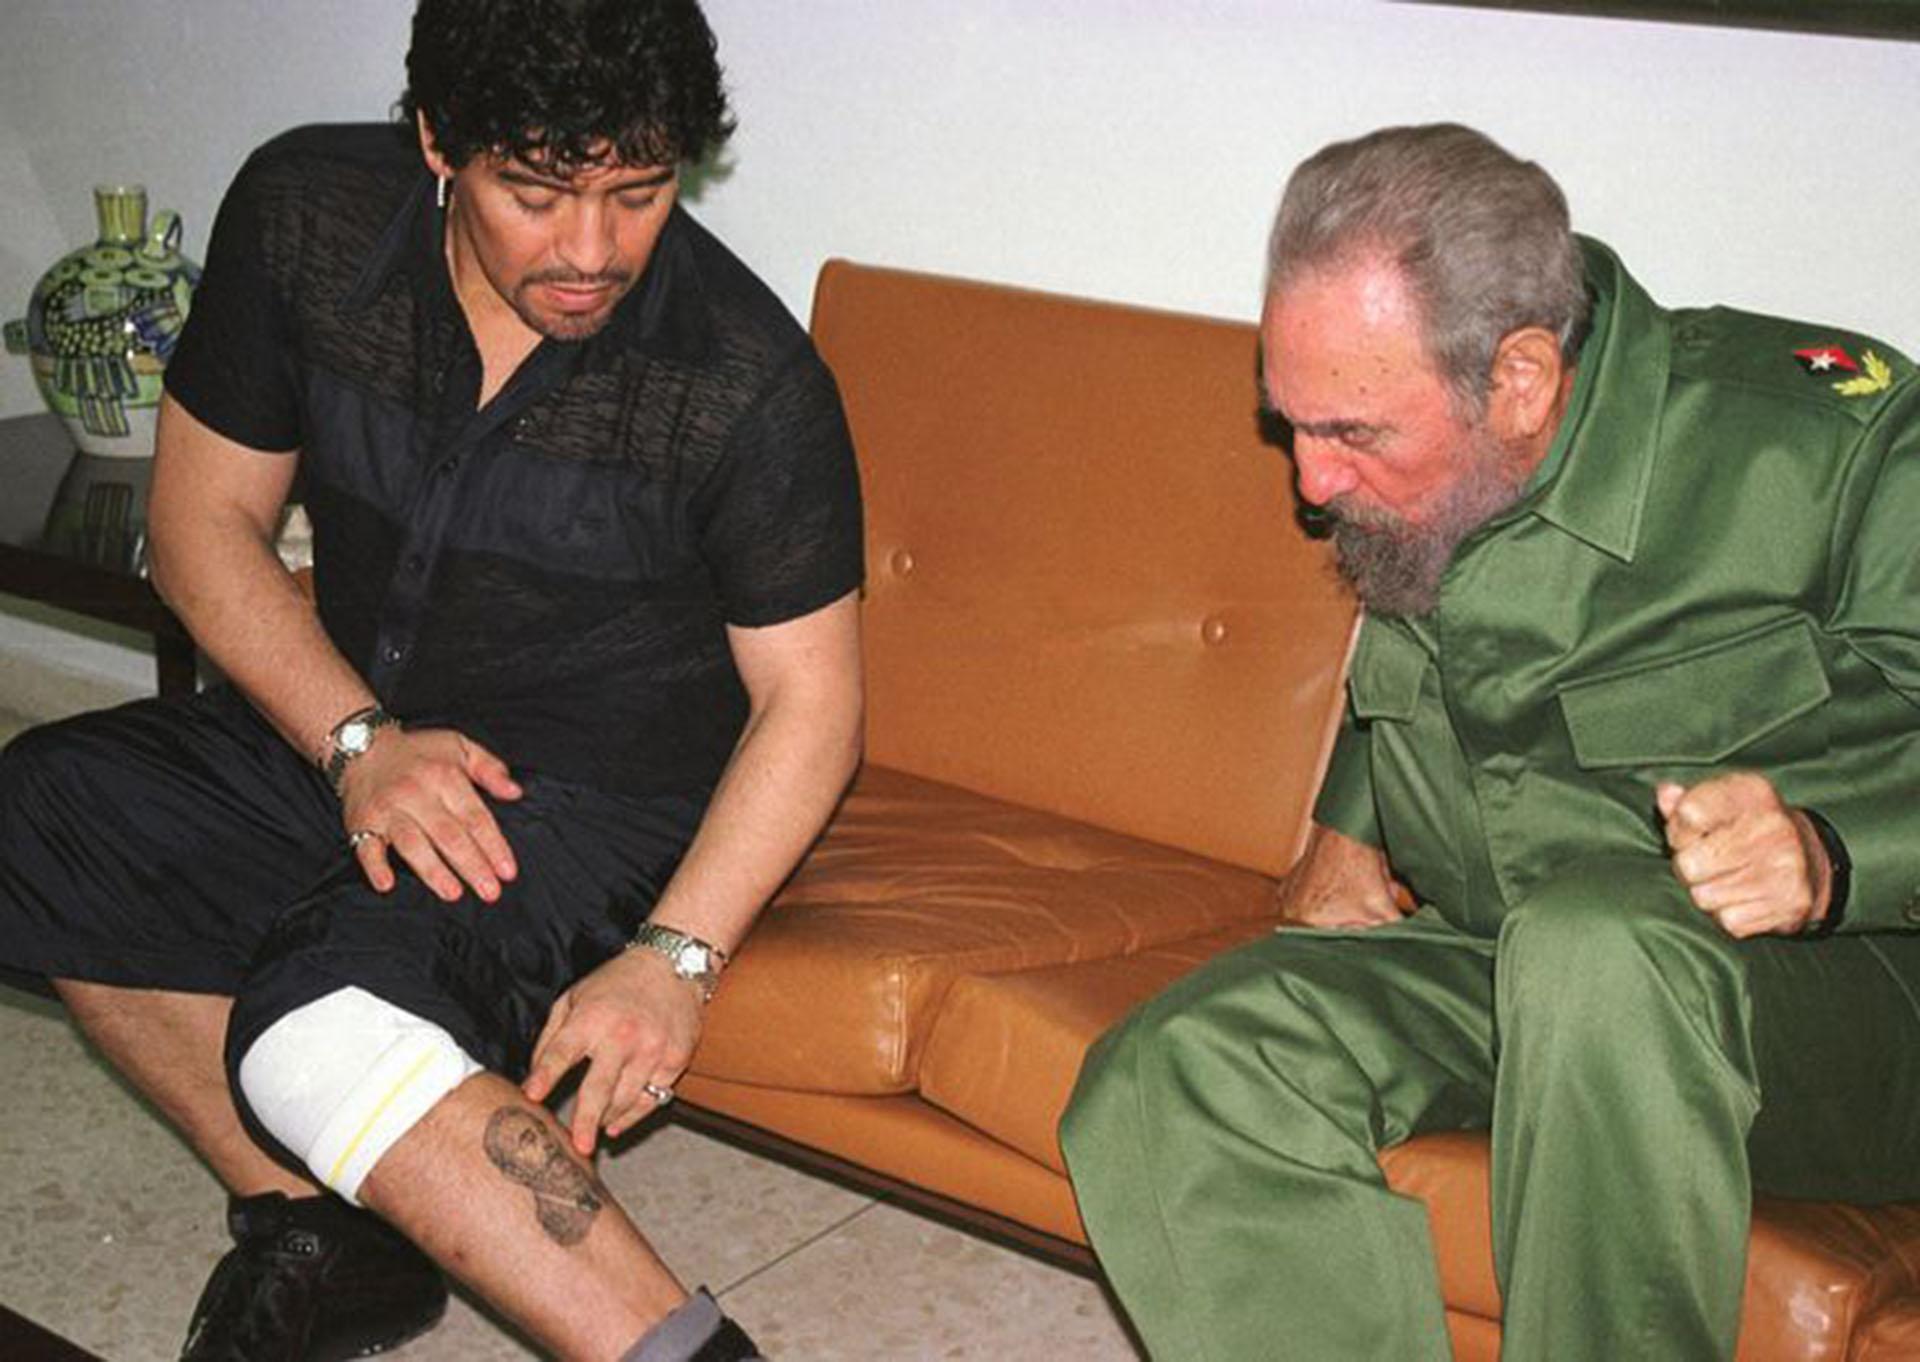 Fidel Castro, Maradona y la loca anécdota con una tapa de inodoro - Infobae